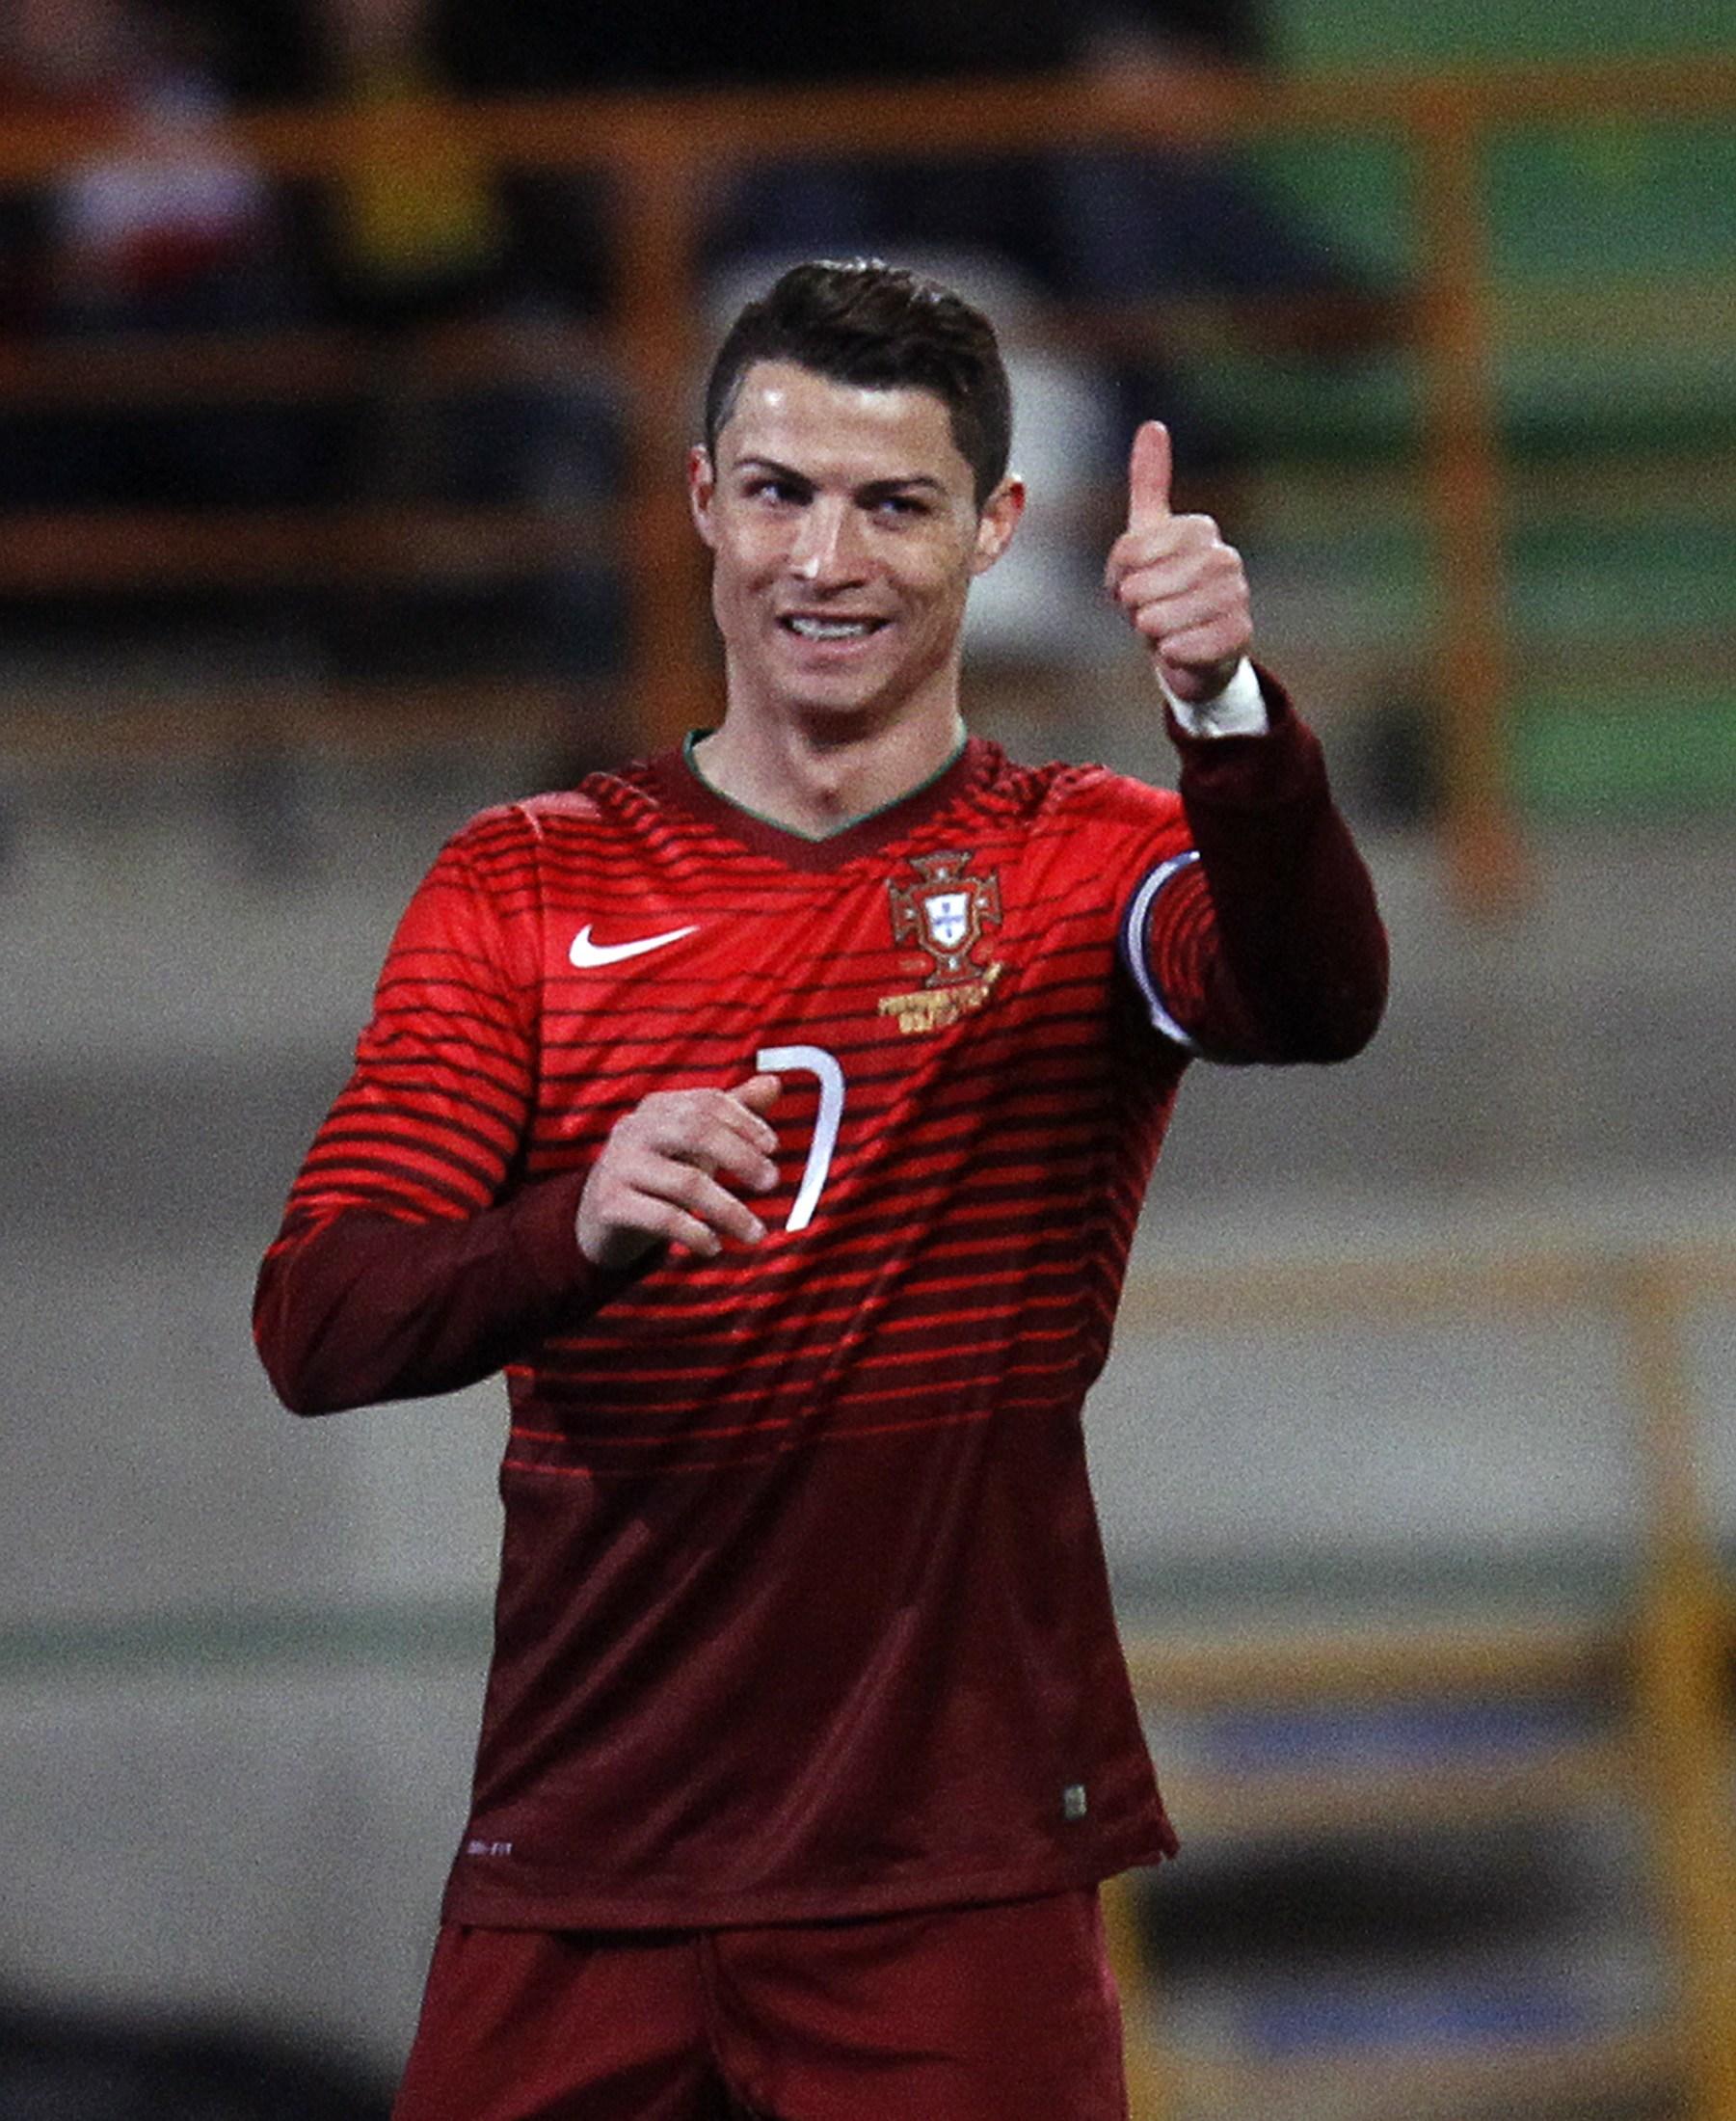 Cristiano Ronaldo superou Pauleta como maior artilheiro da história na seleção portuguesa | Hugo Correia/Reuters